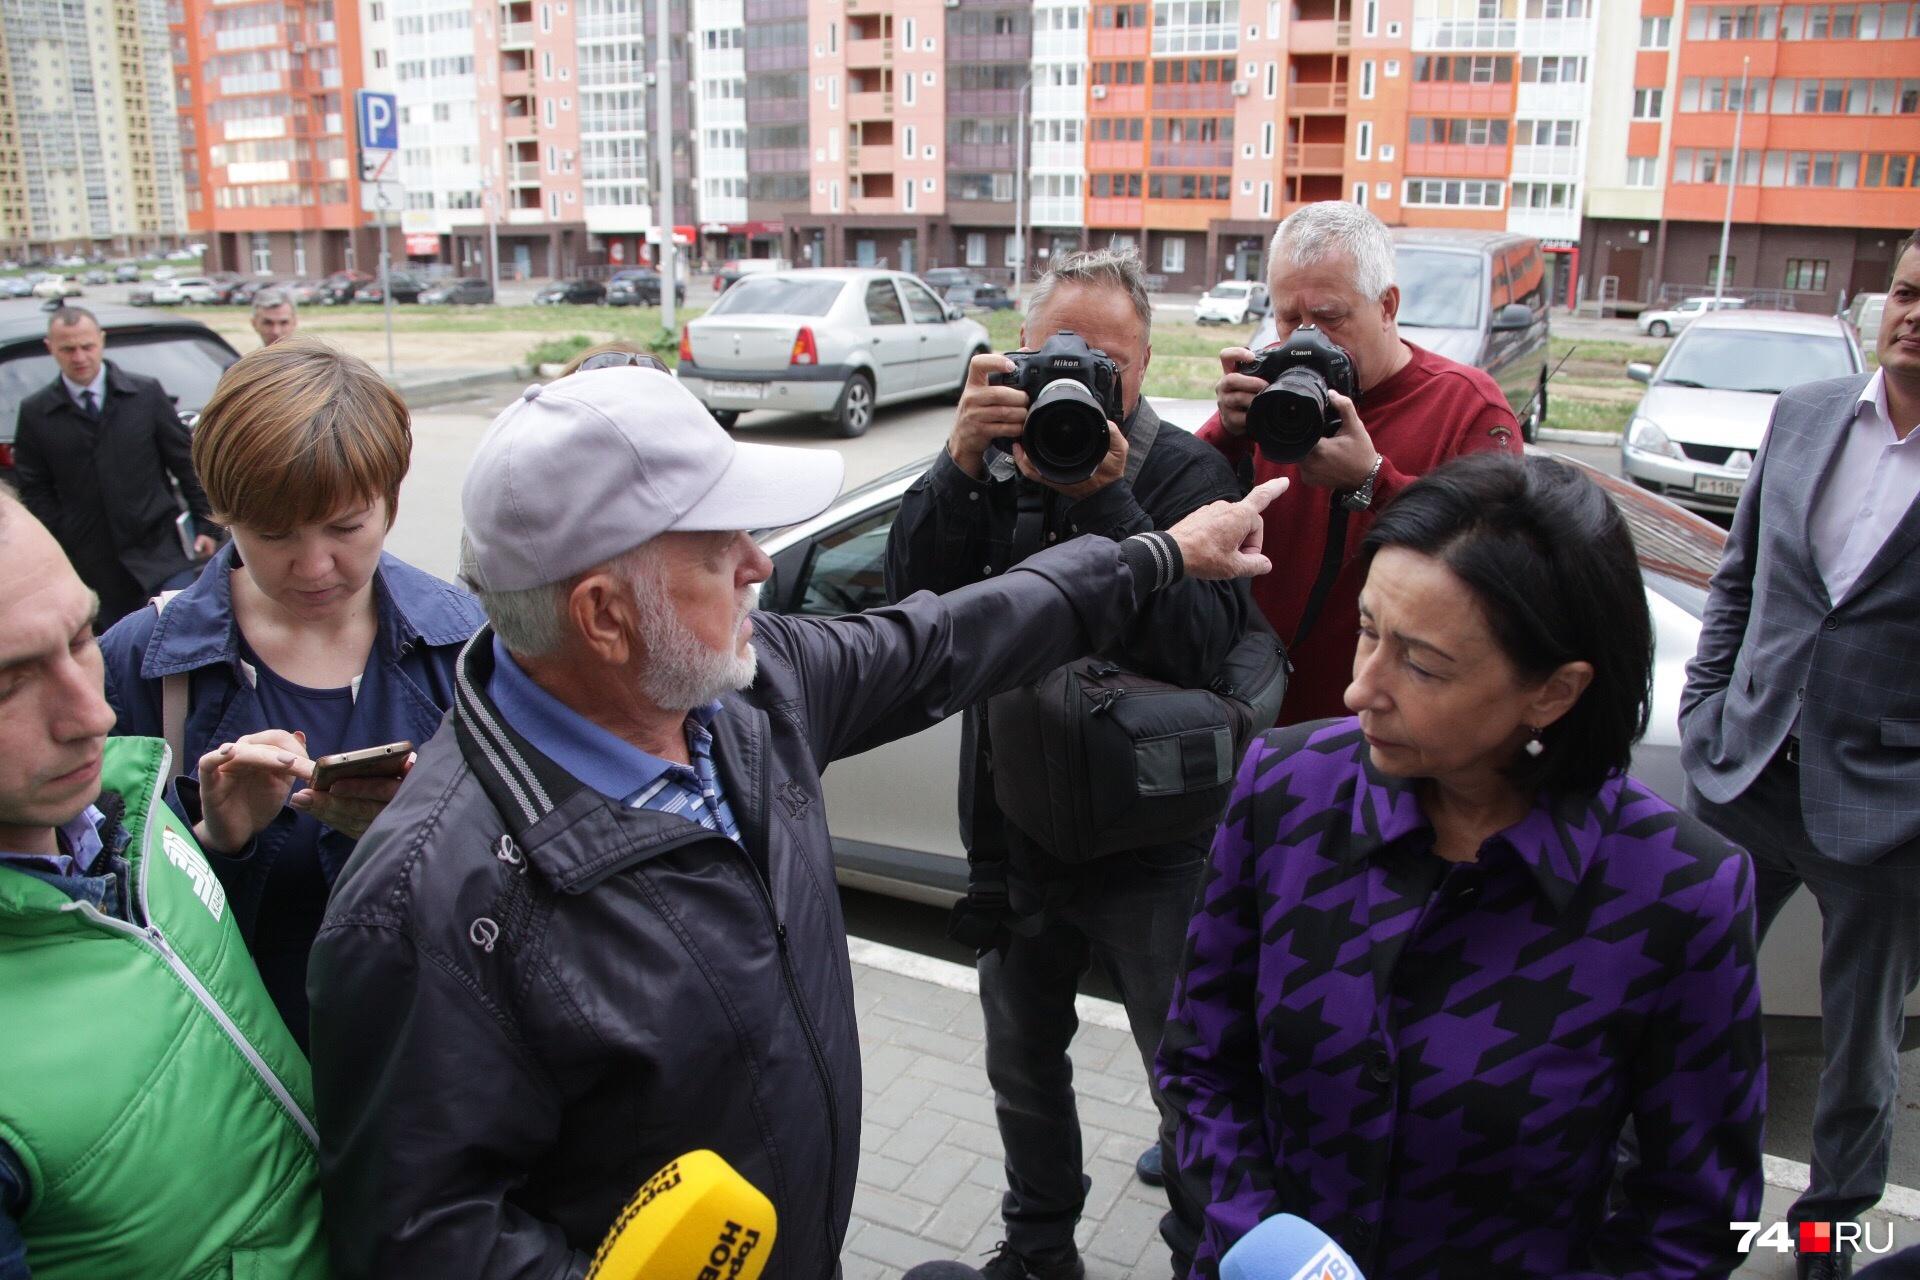 Пенсионер больше 20 минут рассказывал Наталье Котовой, в каких условиях приходится жить обладателям квартир в«Академ Riverside»